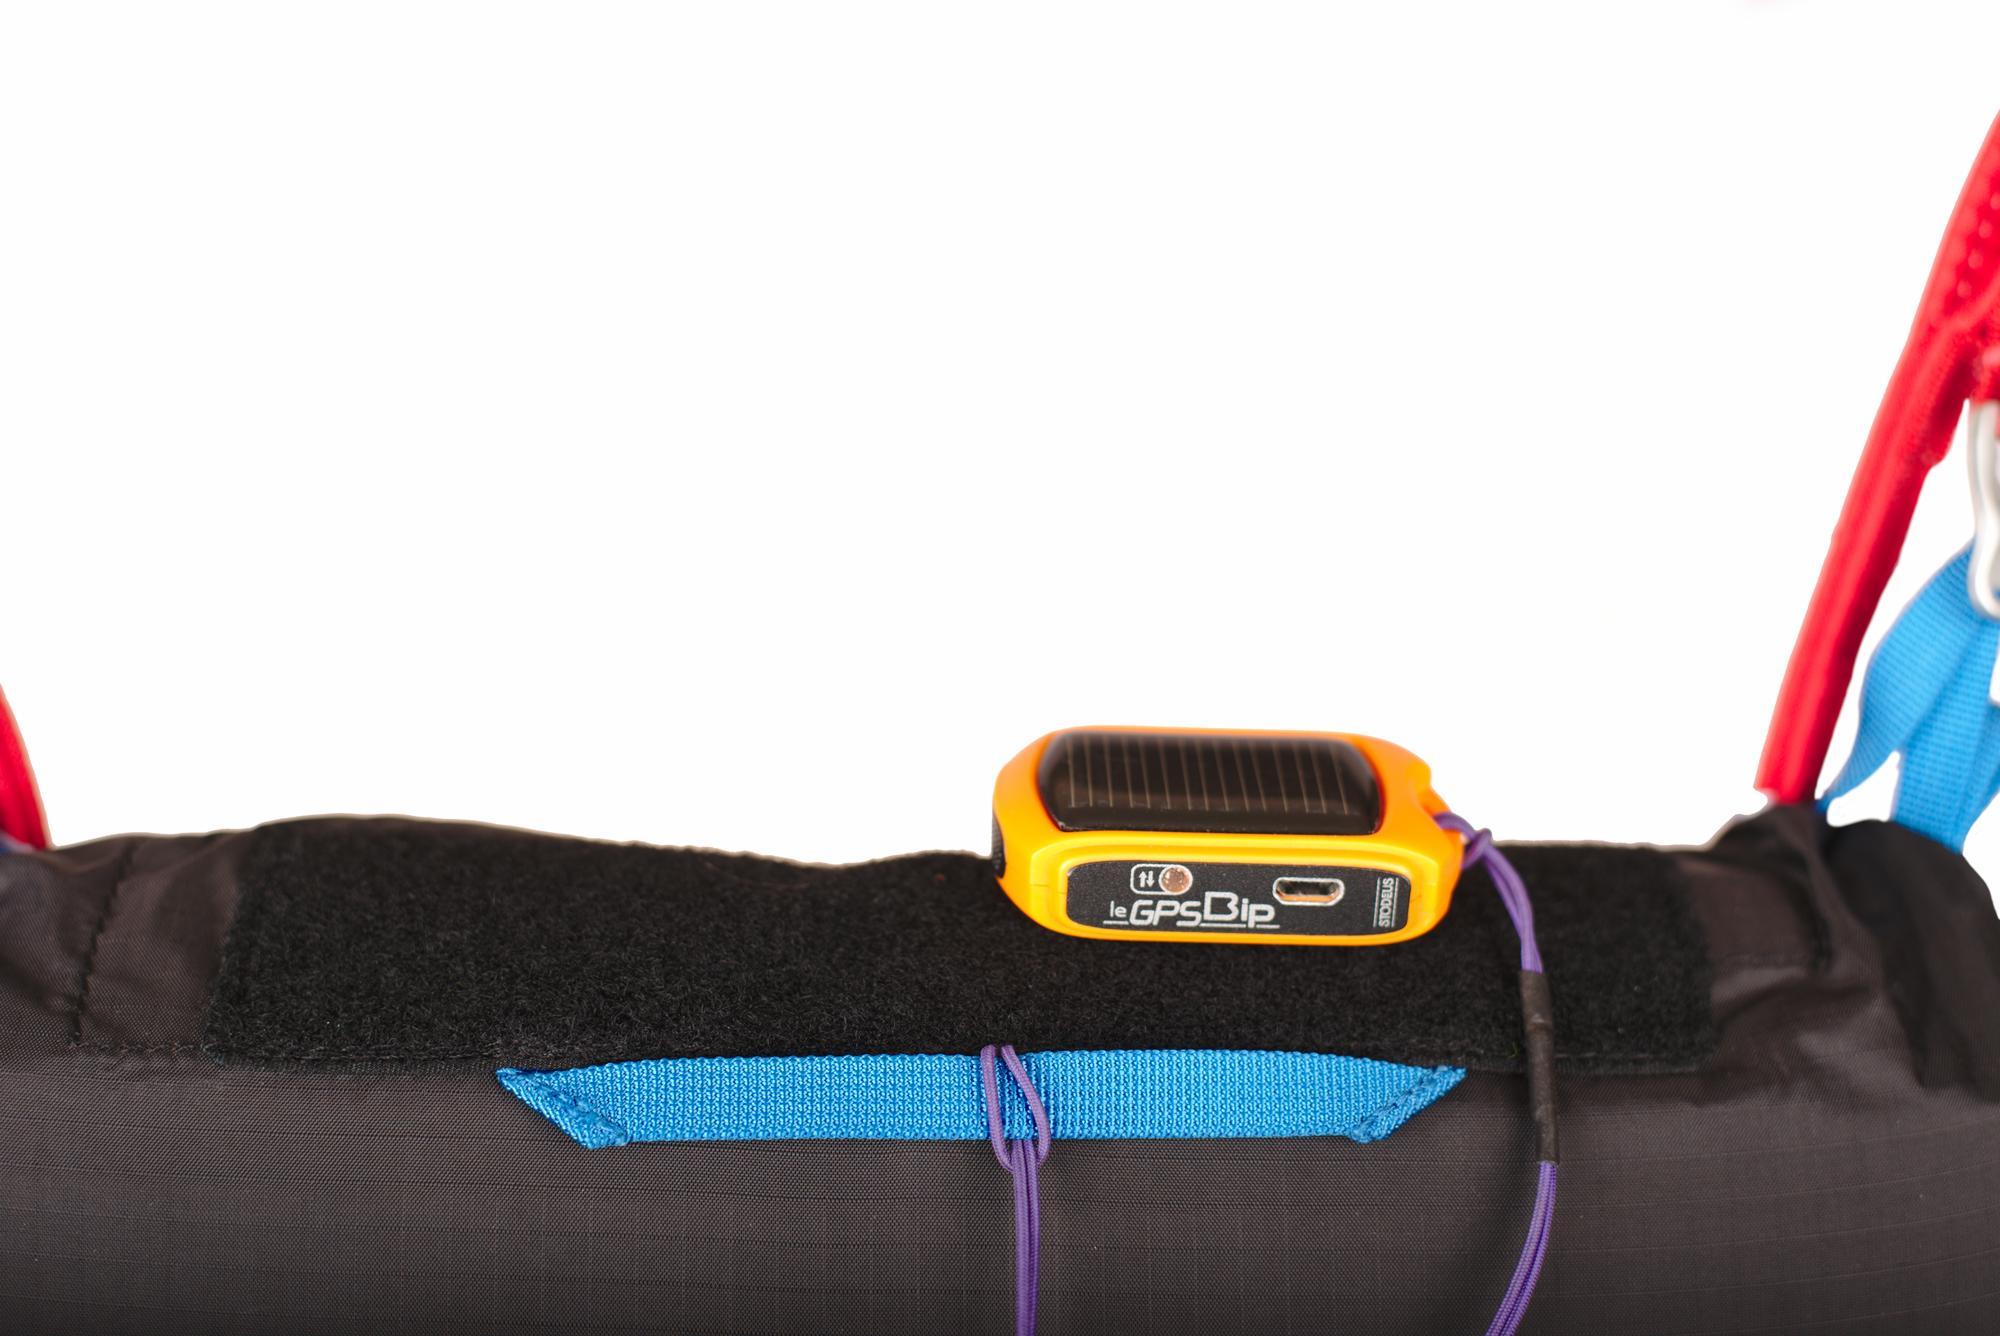 Velcro instruments